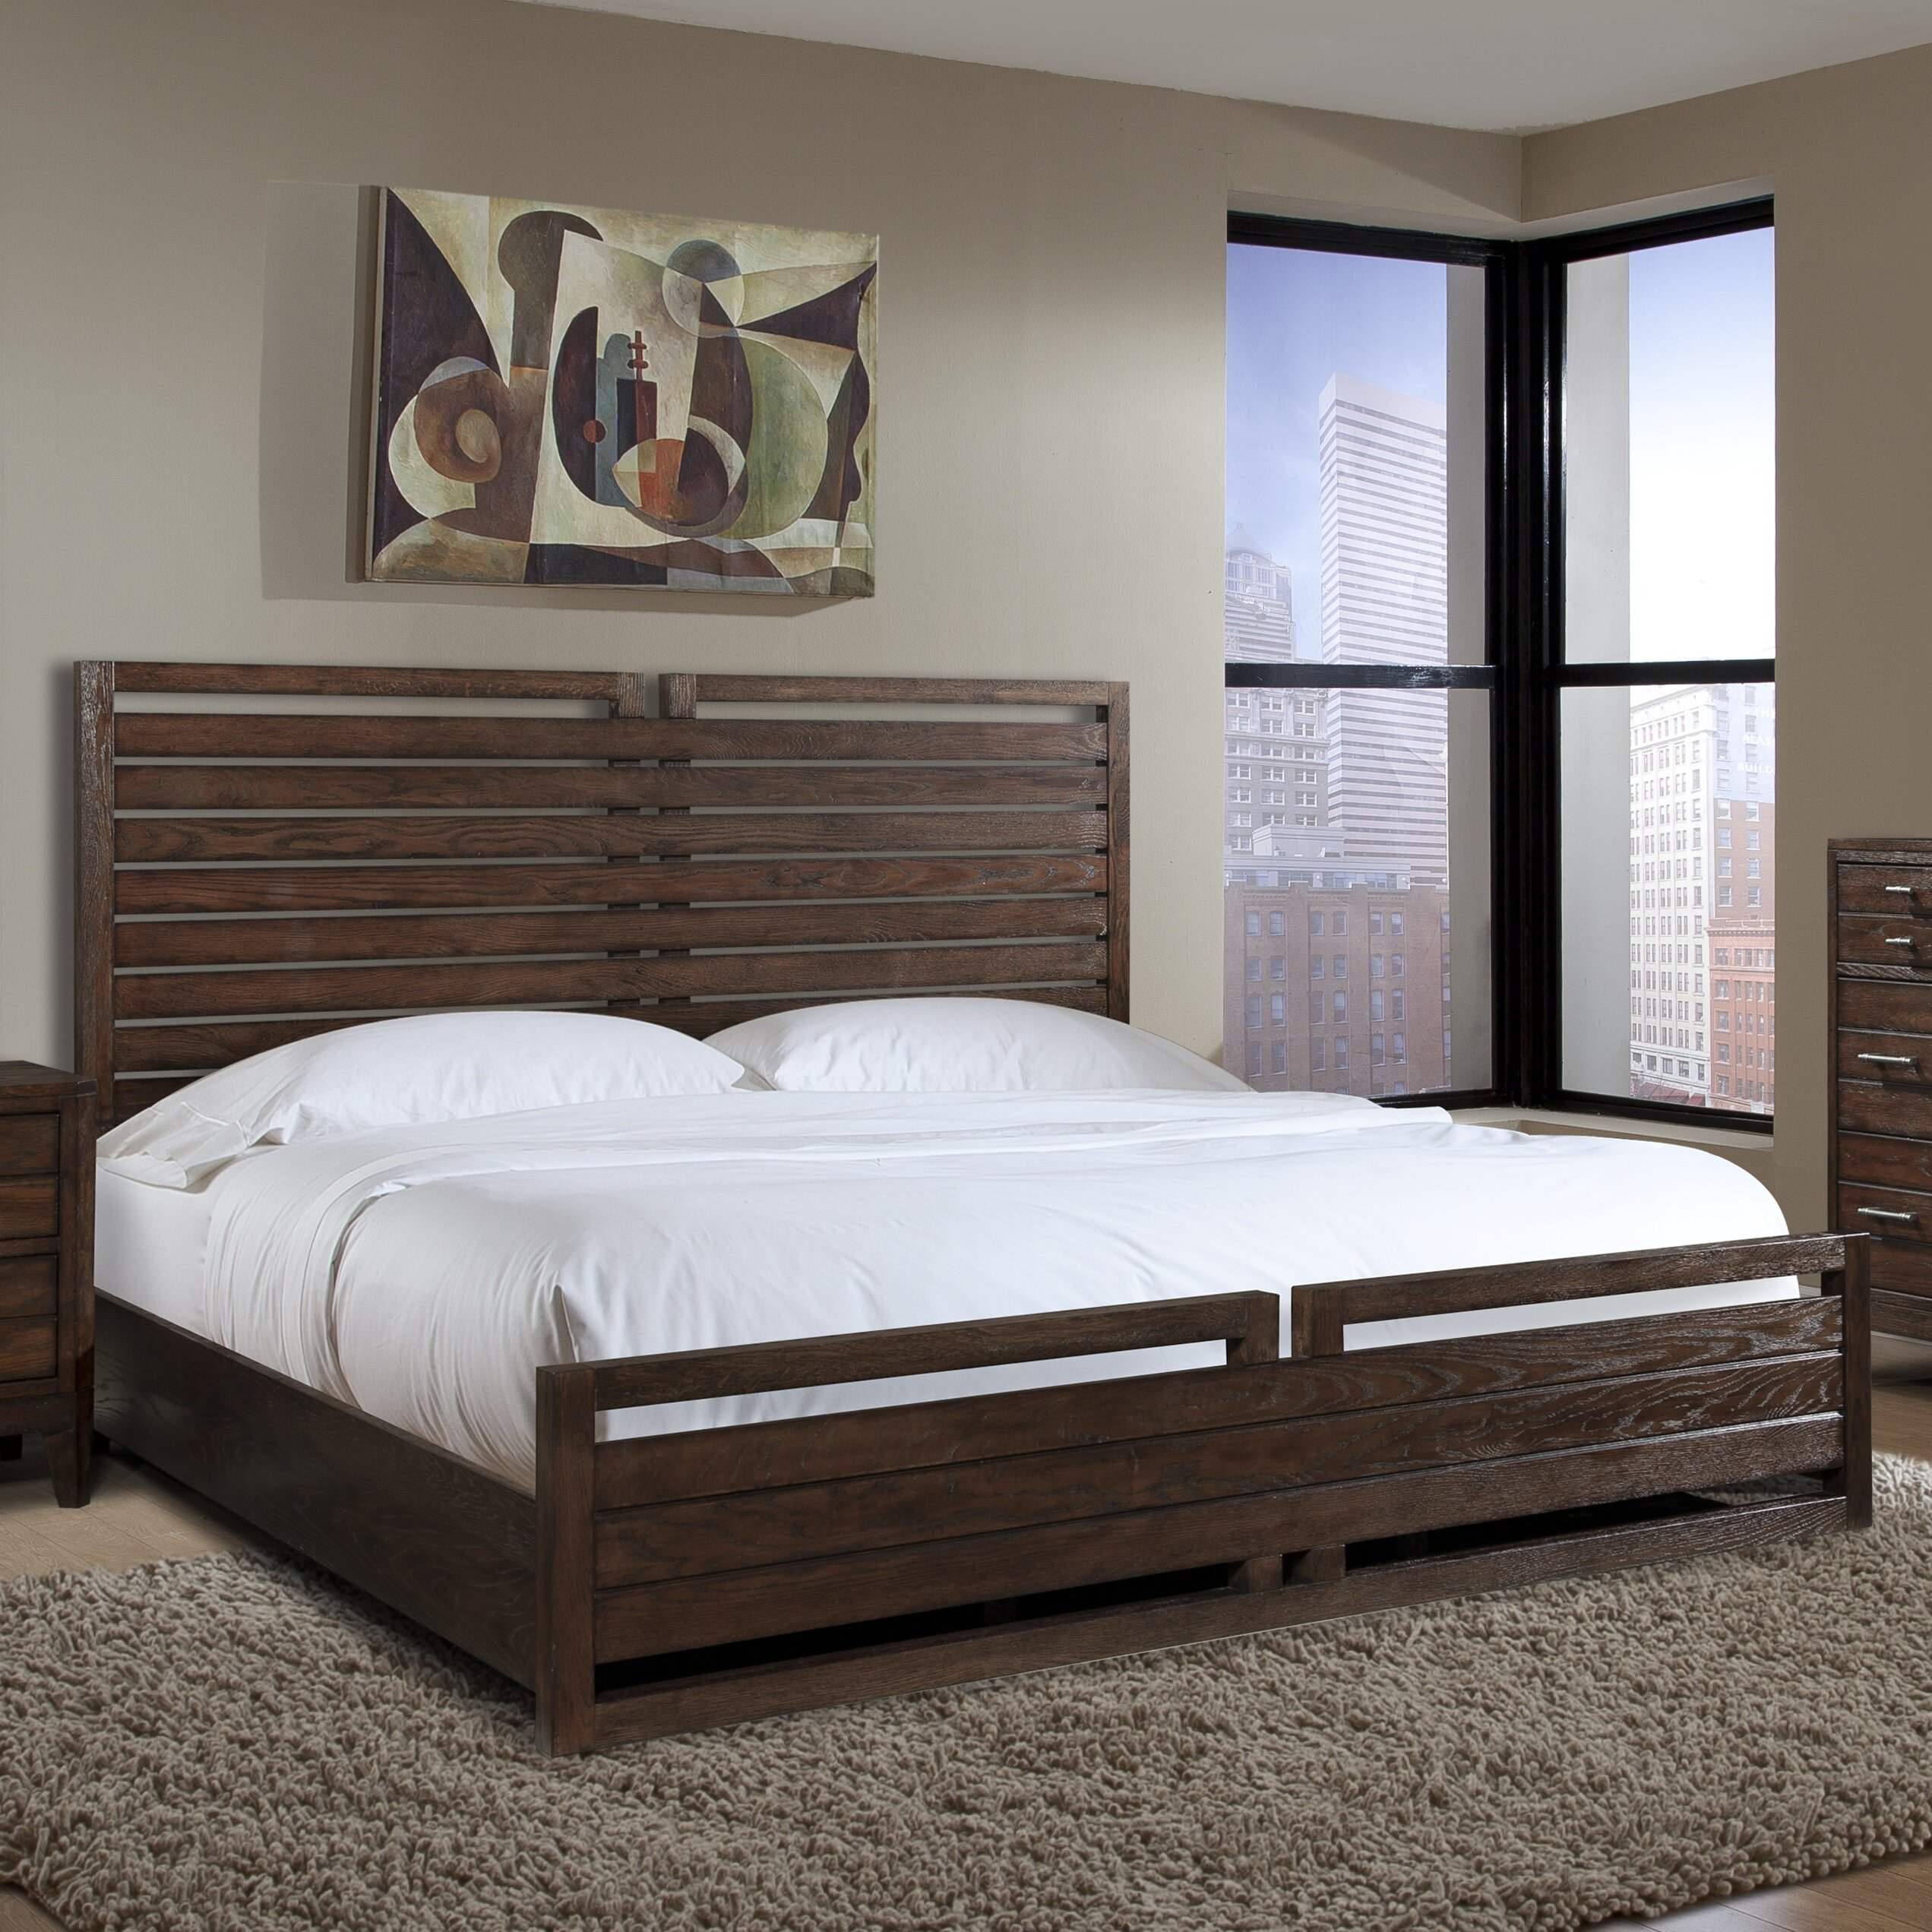 Cresent Furniture Hampton Panel Customizable Bedroom Set Reviews Wayfair